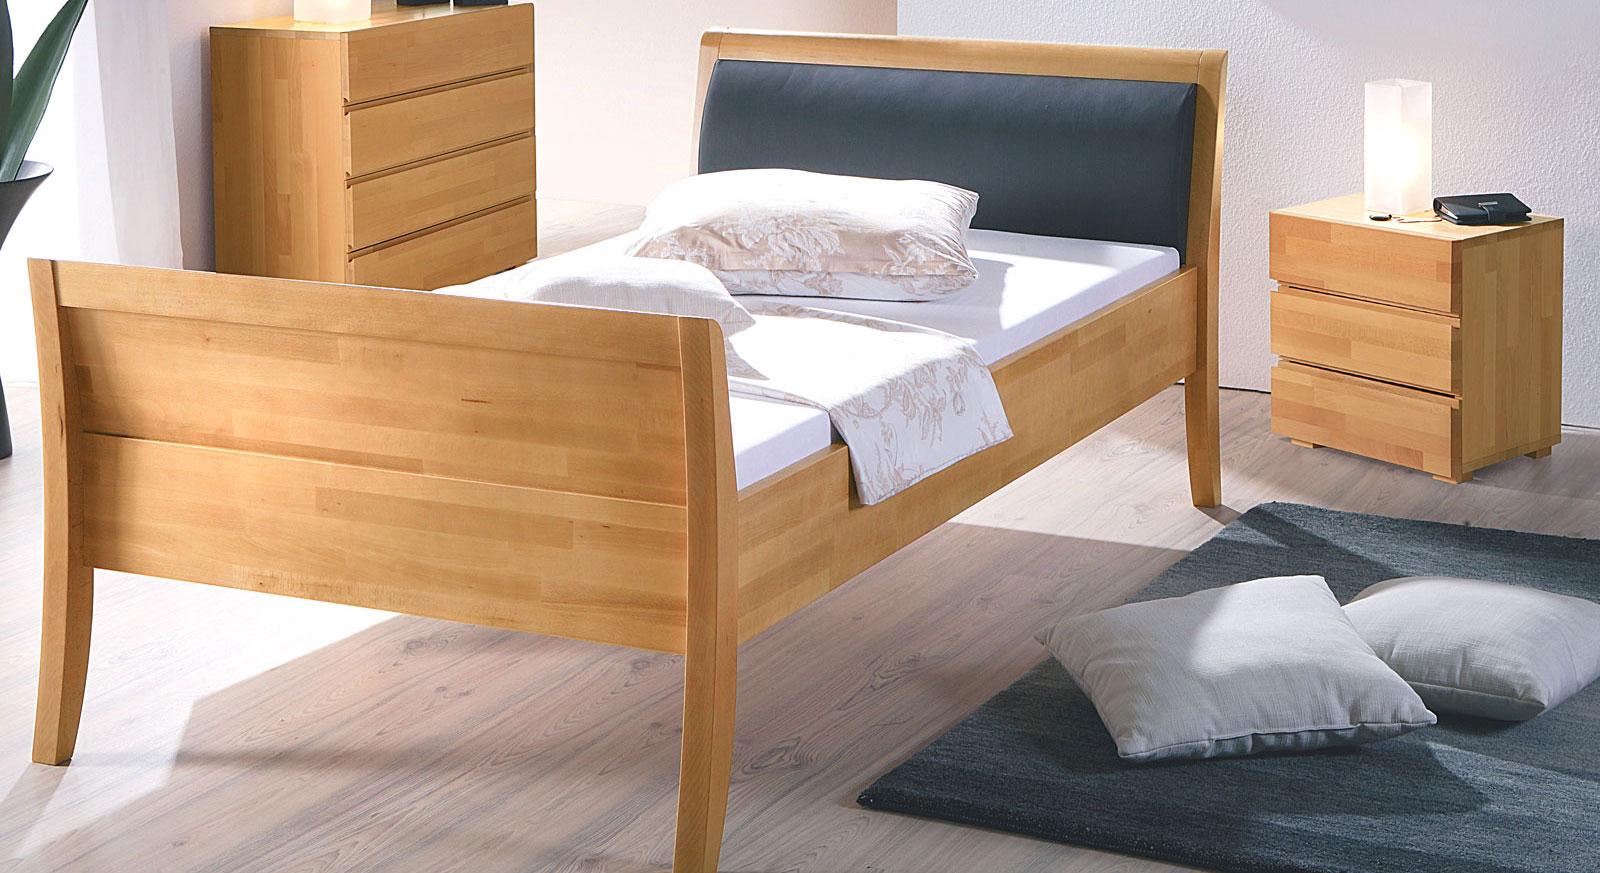 seniorengerechte betten was sie beim kauf beachten sollten. Black Bedroom Furniture Sets. Home Design Ideas